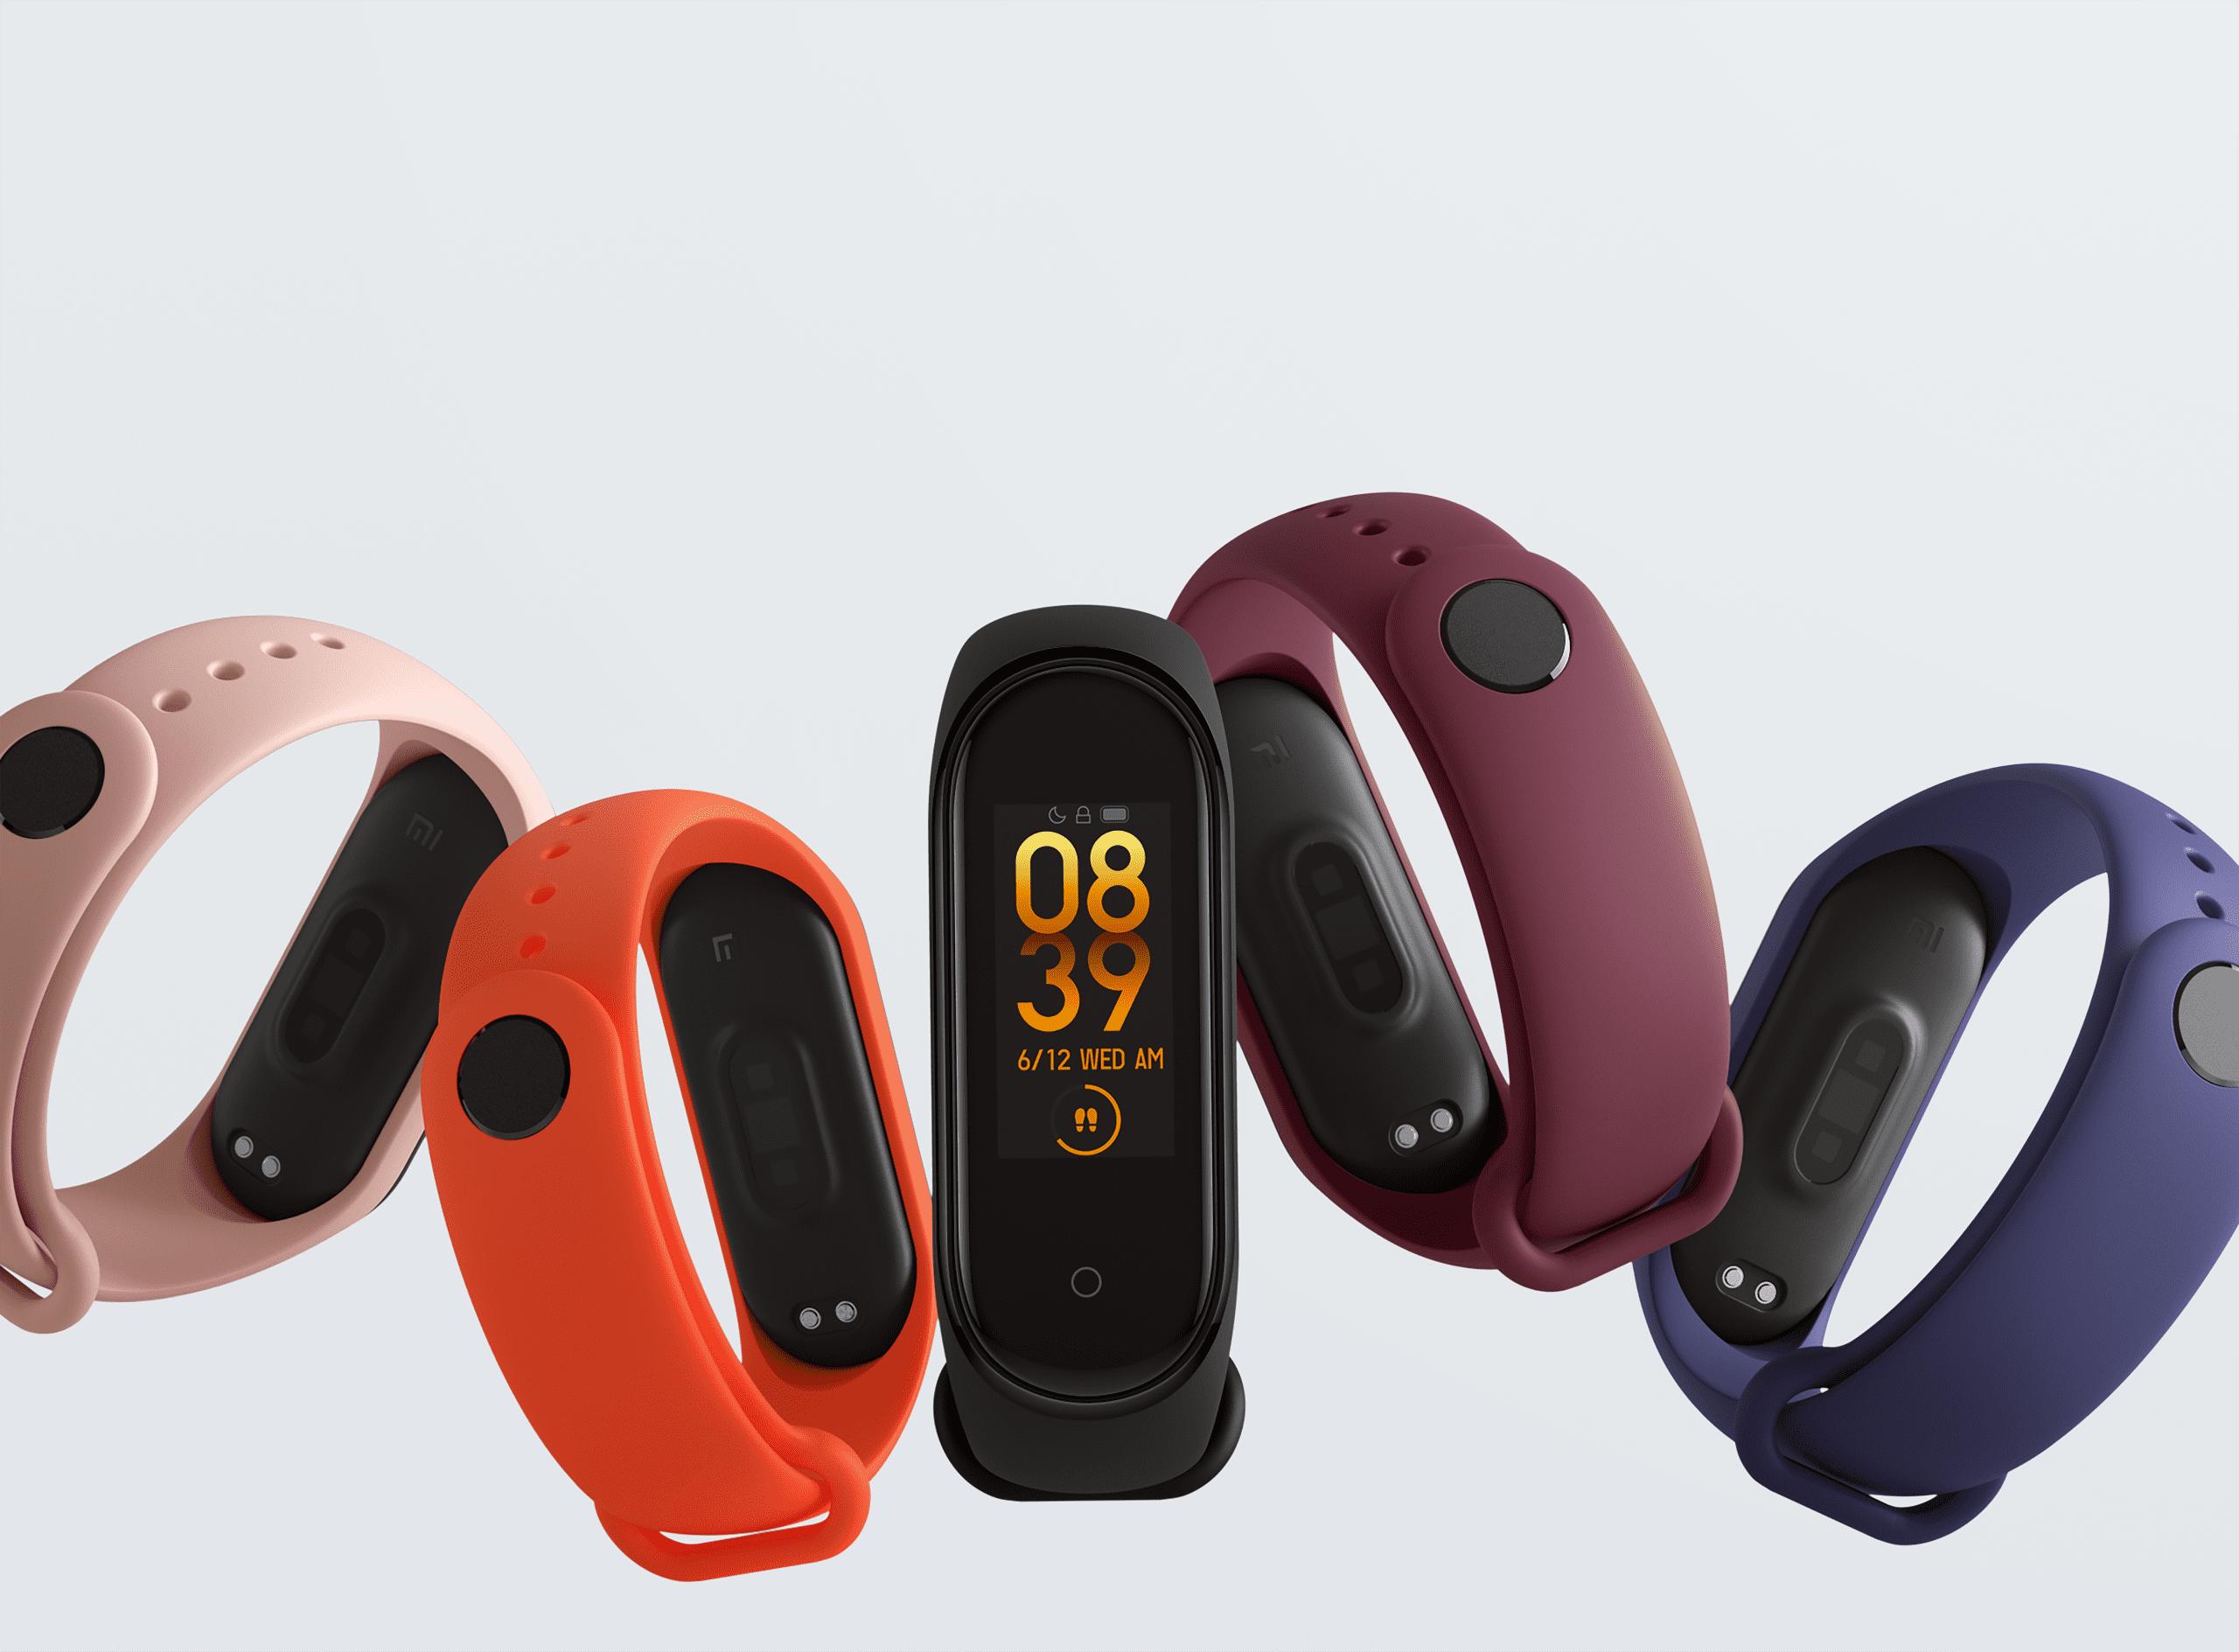 Mi band 4 especificações: Saiba mais sobre a pulseira fitness da Xiaomi